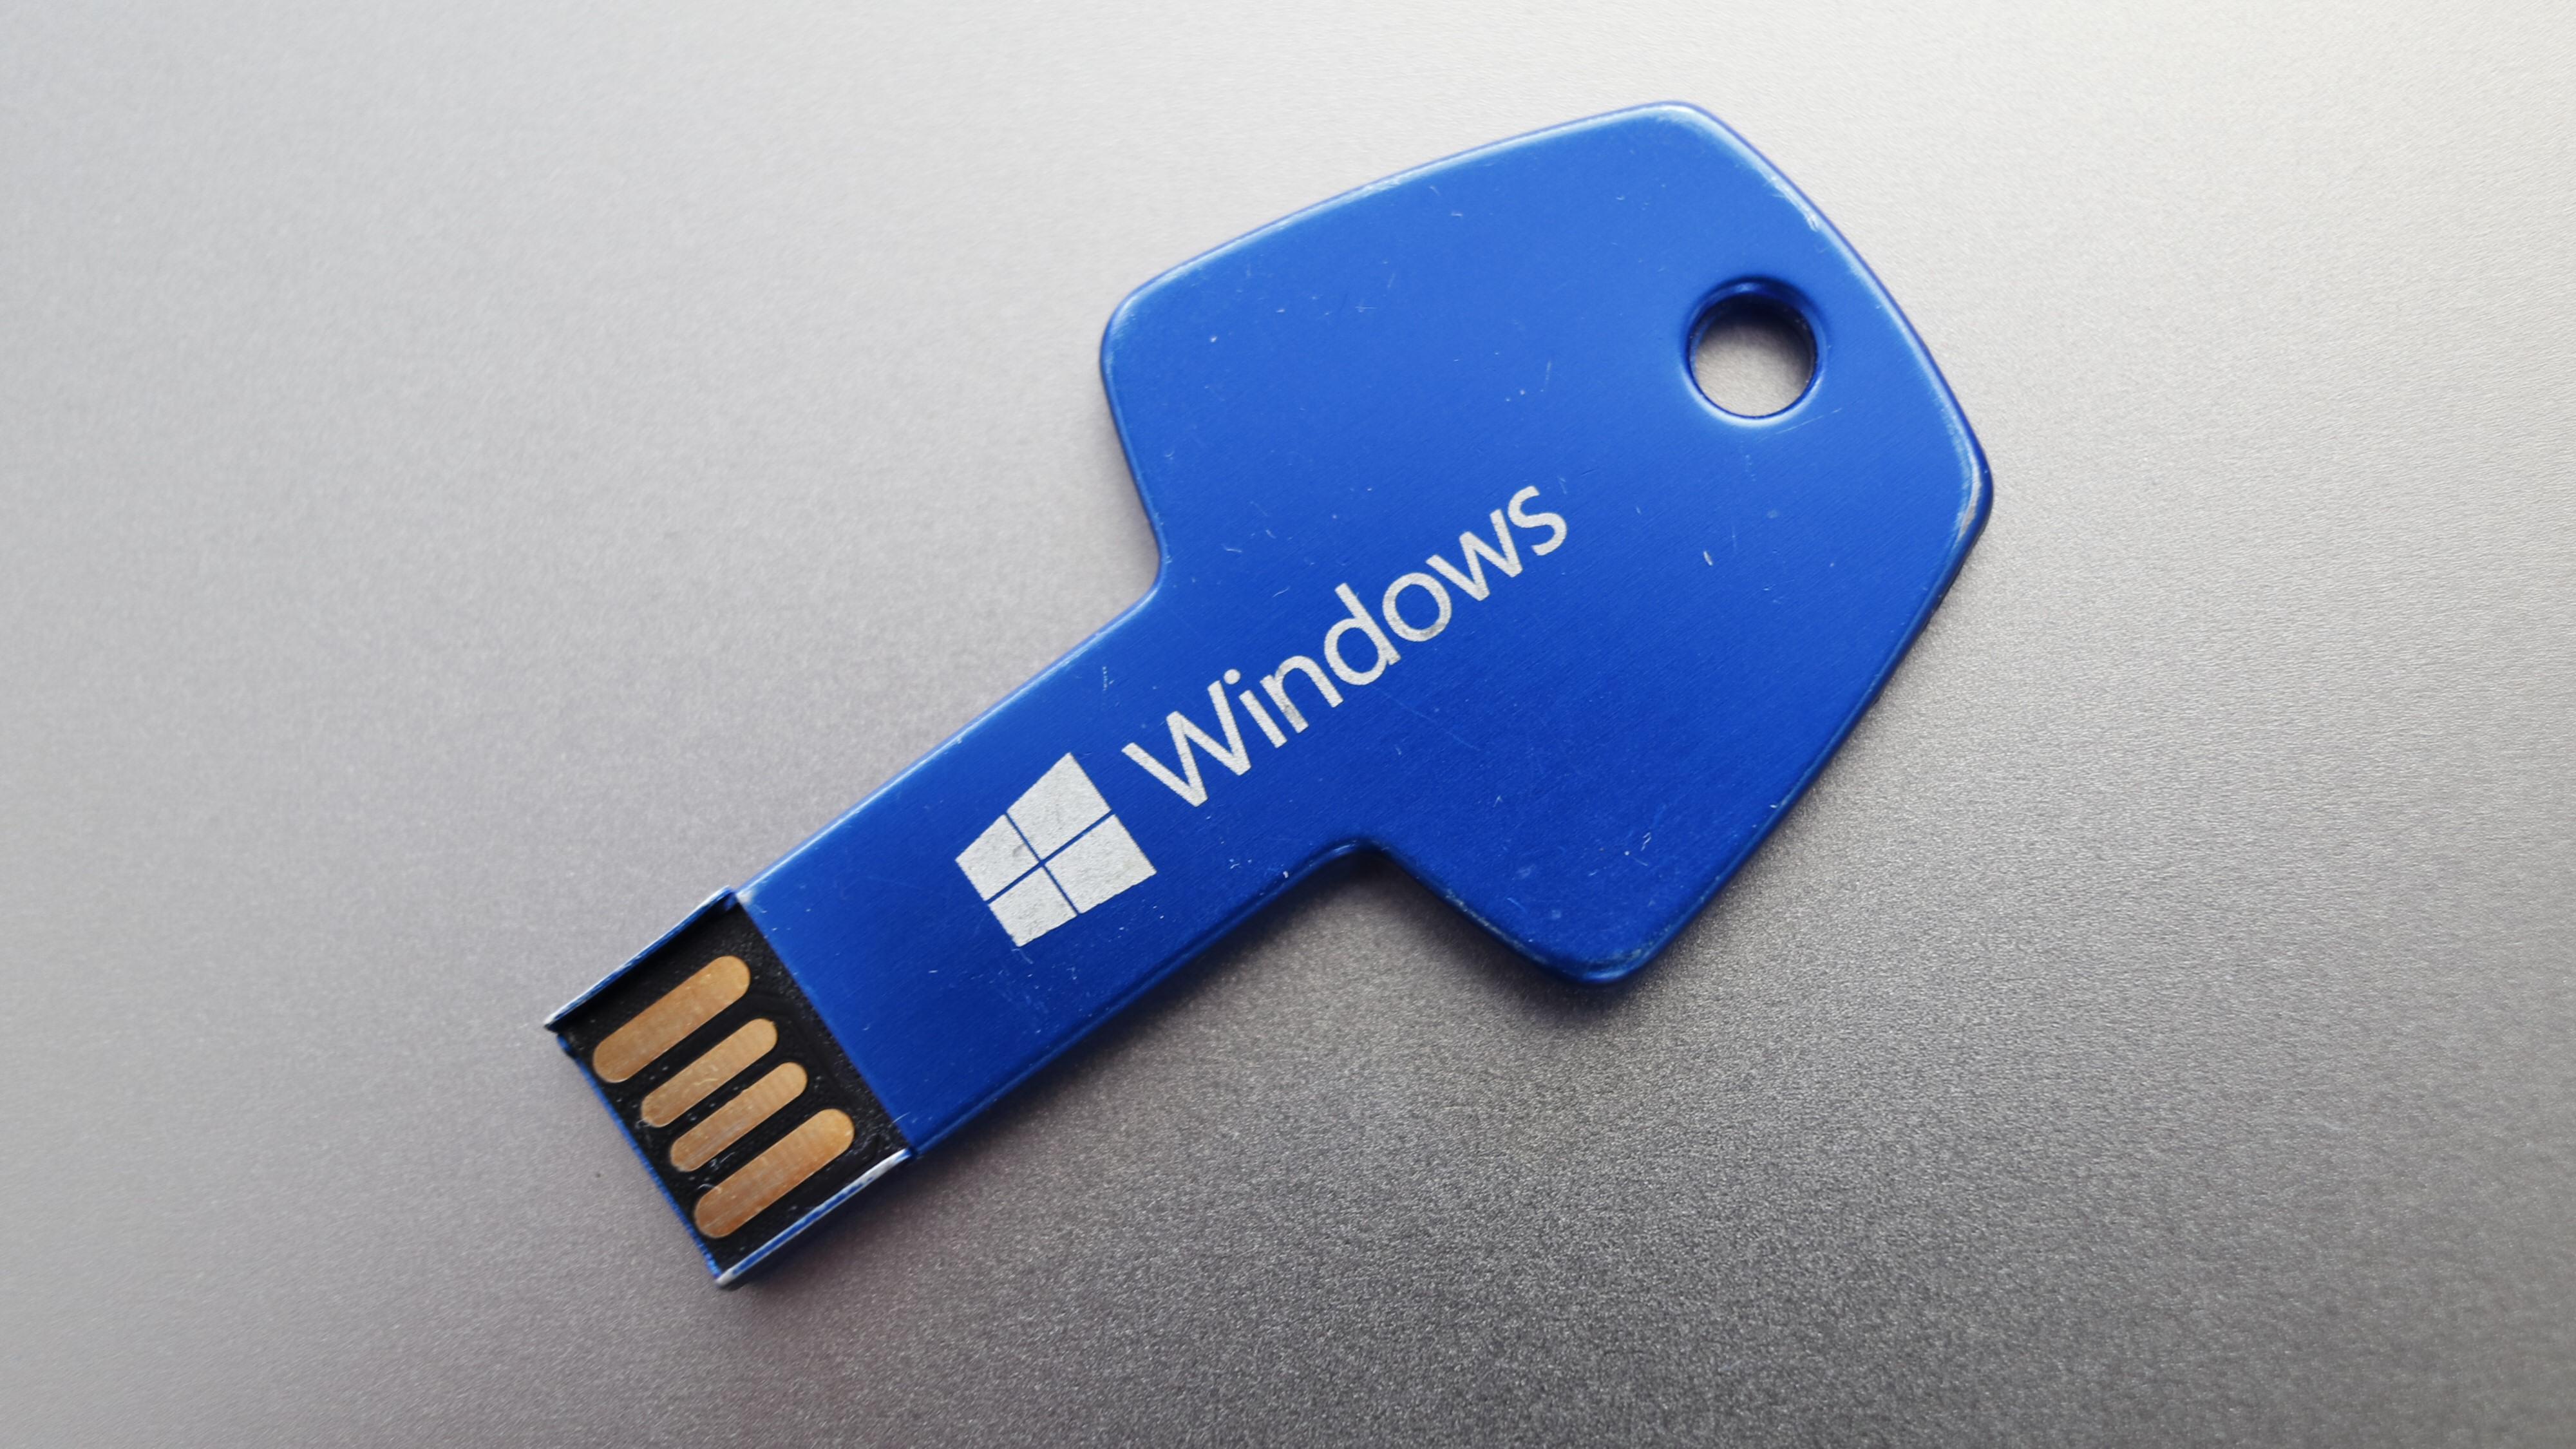 Nå kan du kontrollere om PC-en er klar for Windows 11